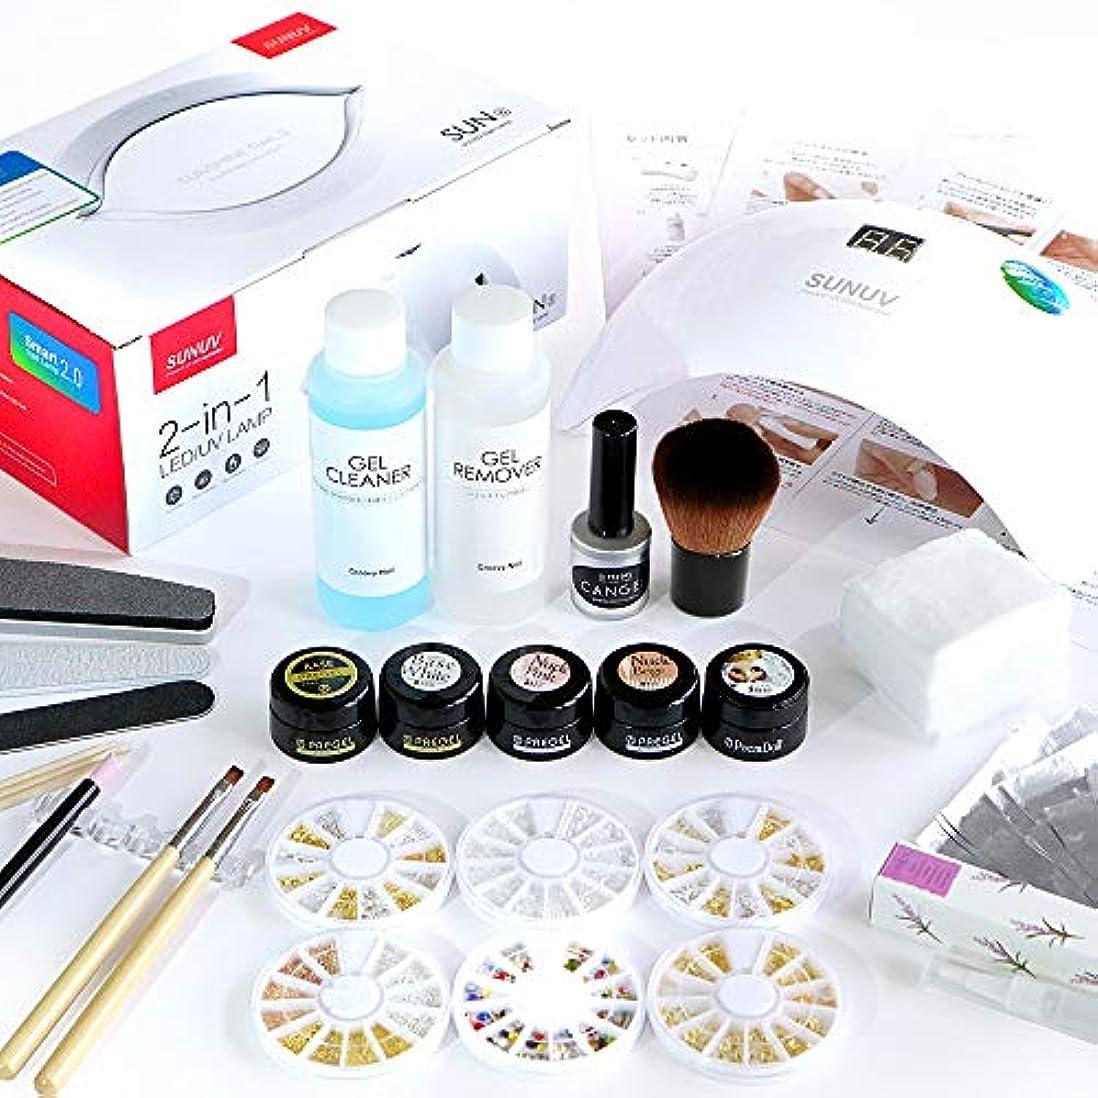 ピストン具体的にスキームPREGEL プリジェル ジェルネイル スターターキット 日本製カラージェル4色+LEDライト48W ネイルアート 初心者におすすめ